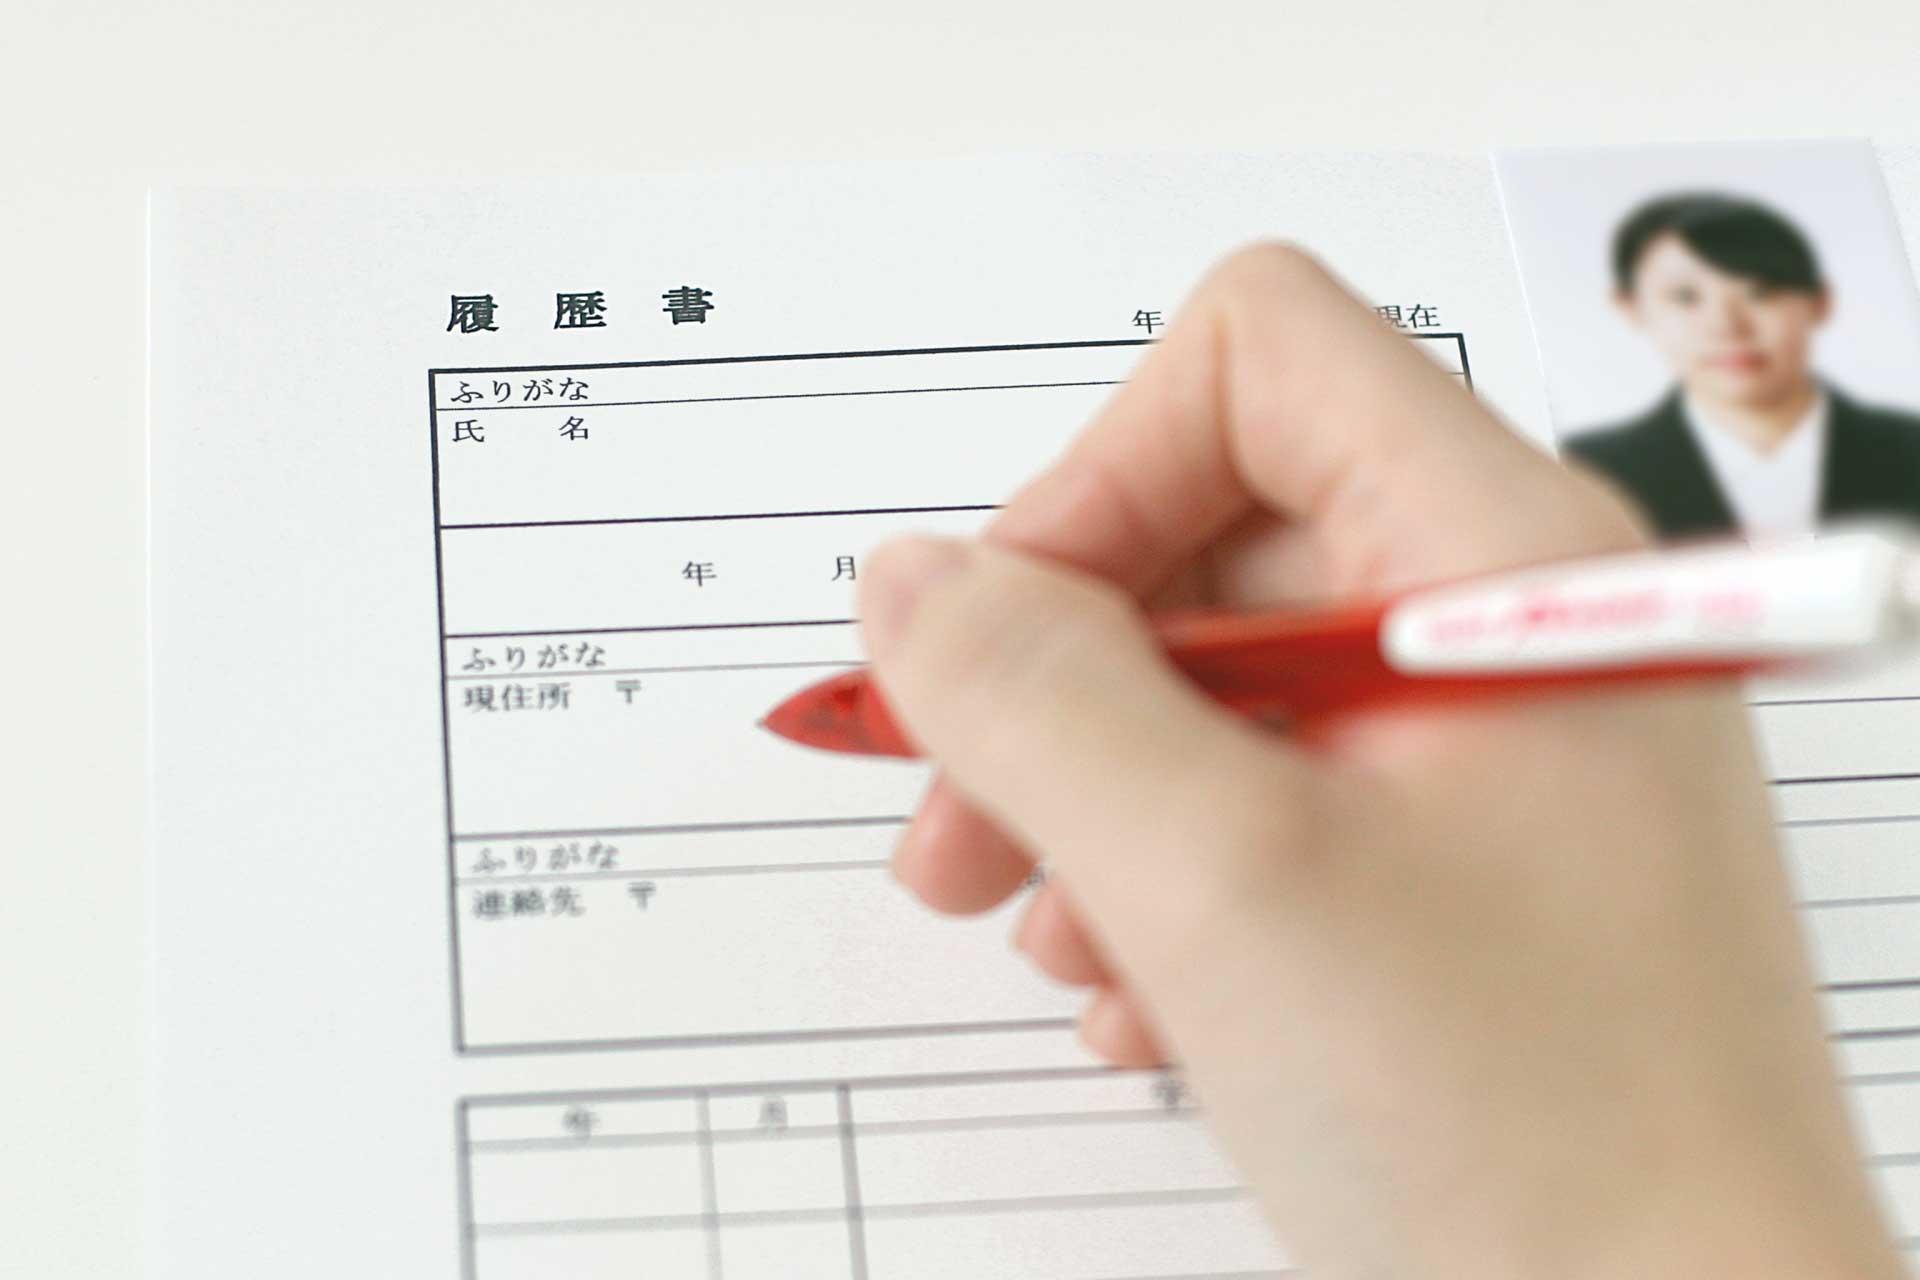 税理士向け転職エージェントを利用することで履歴書・職務経歴書等の応募書類の対策が可能